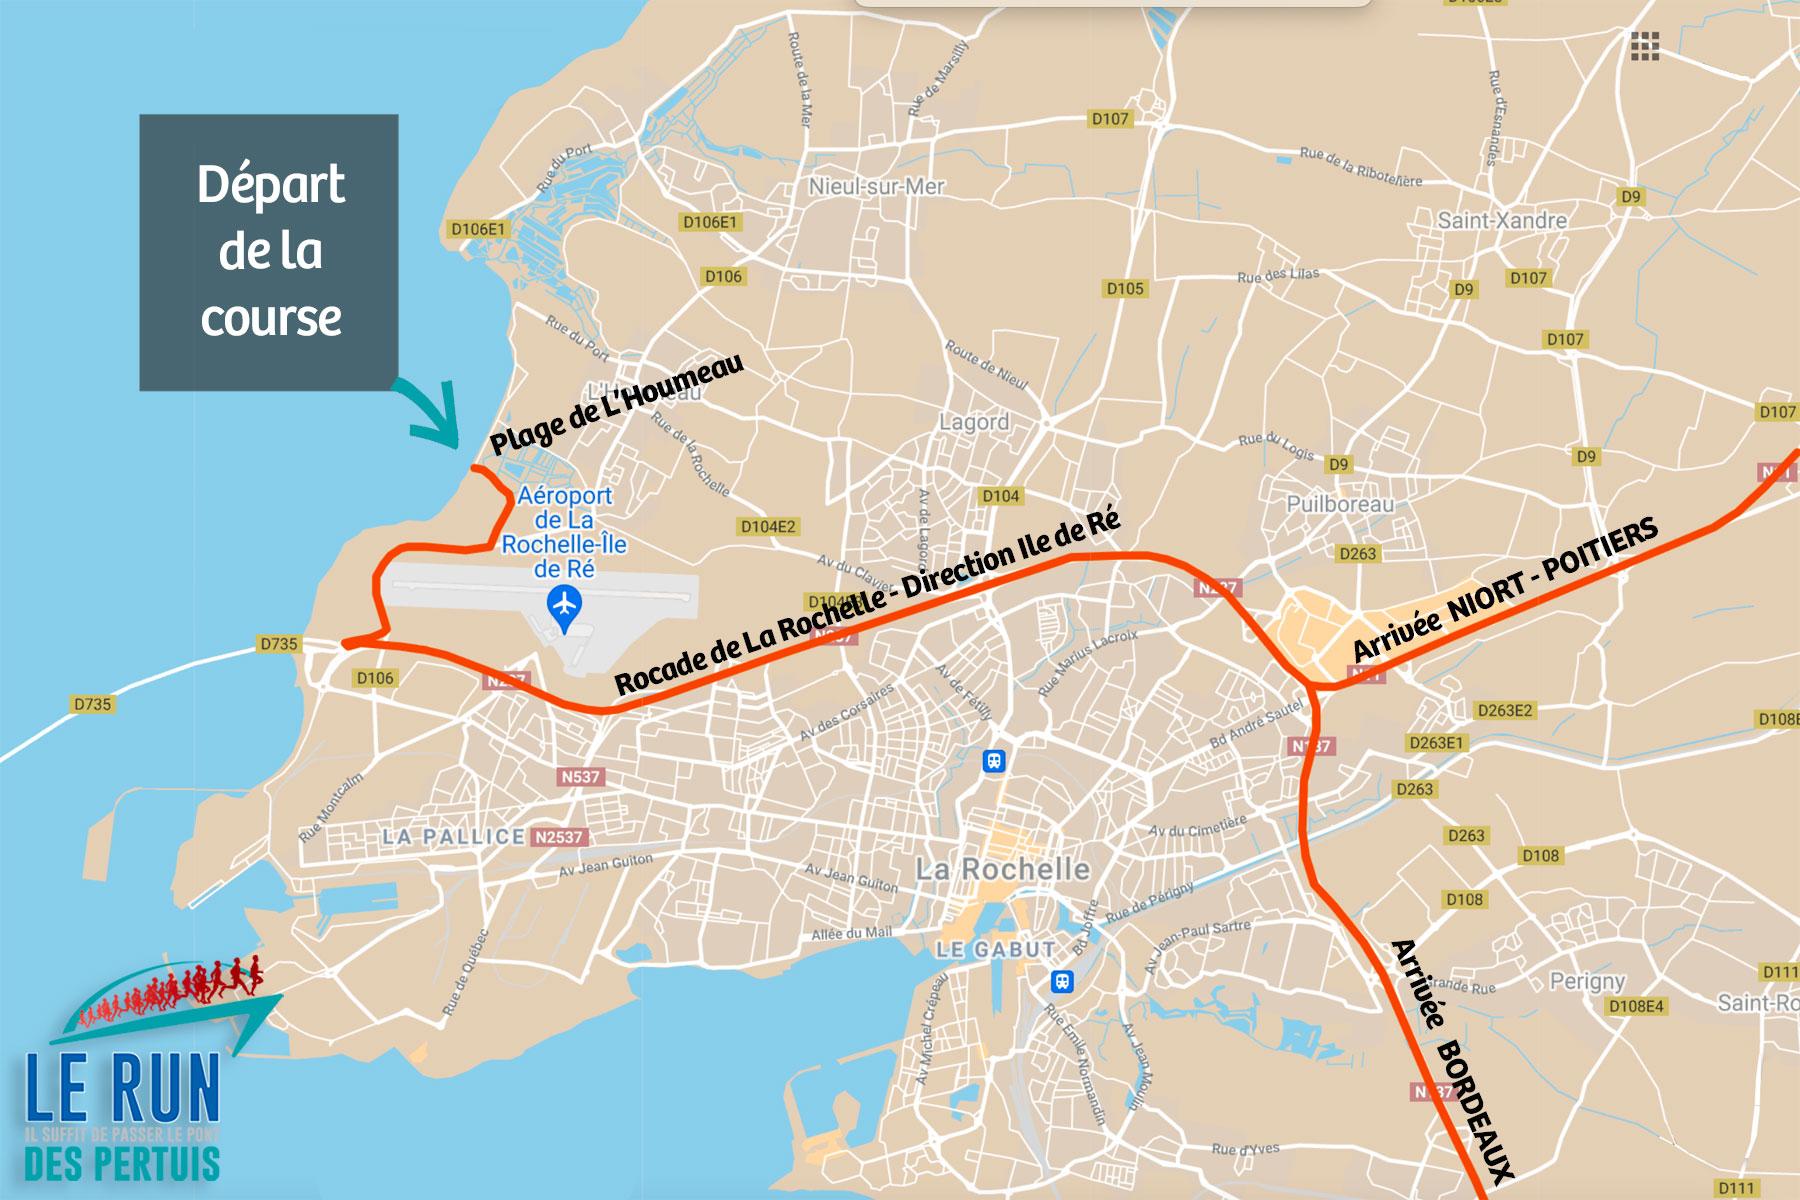 Accès La Rochelle Course Run des Pertuis